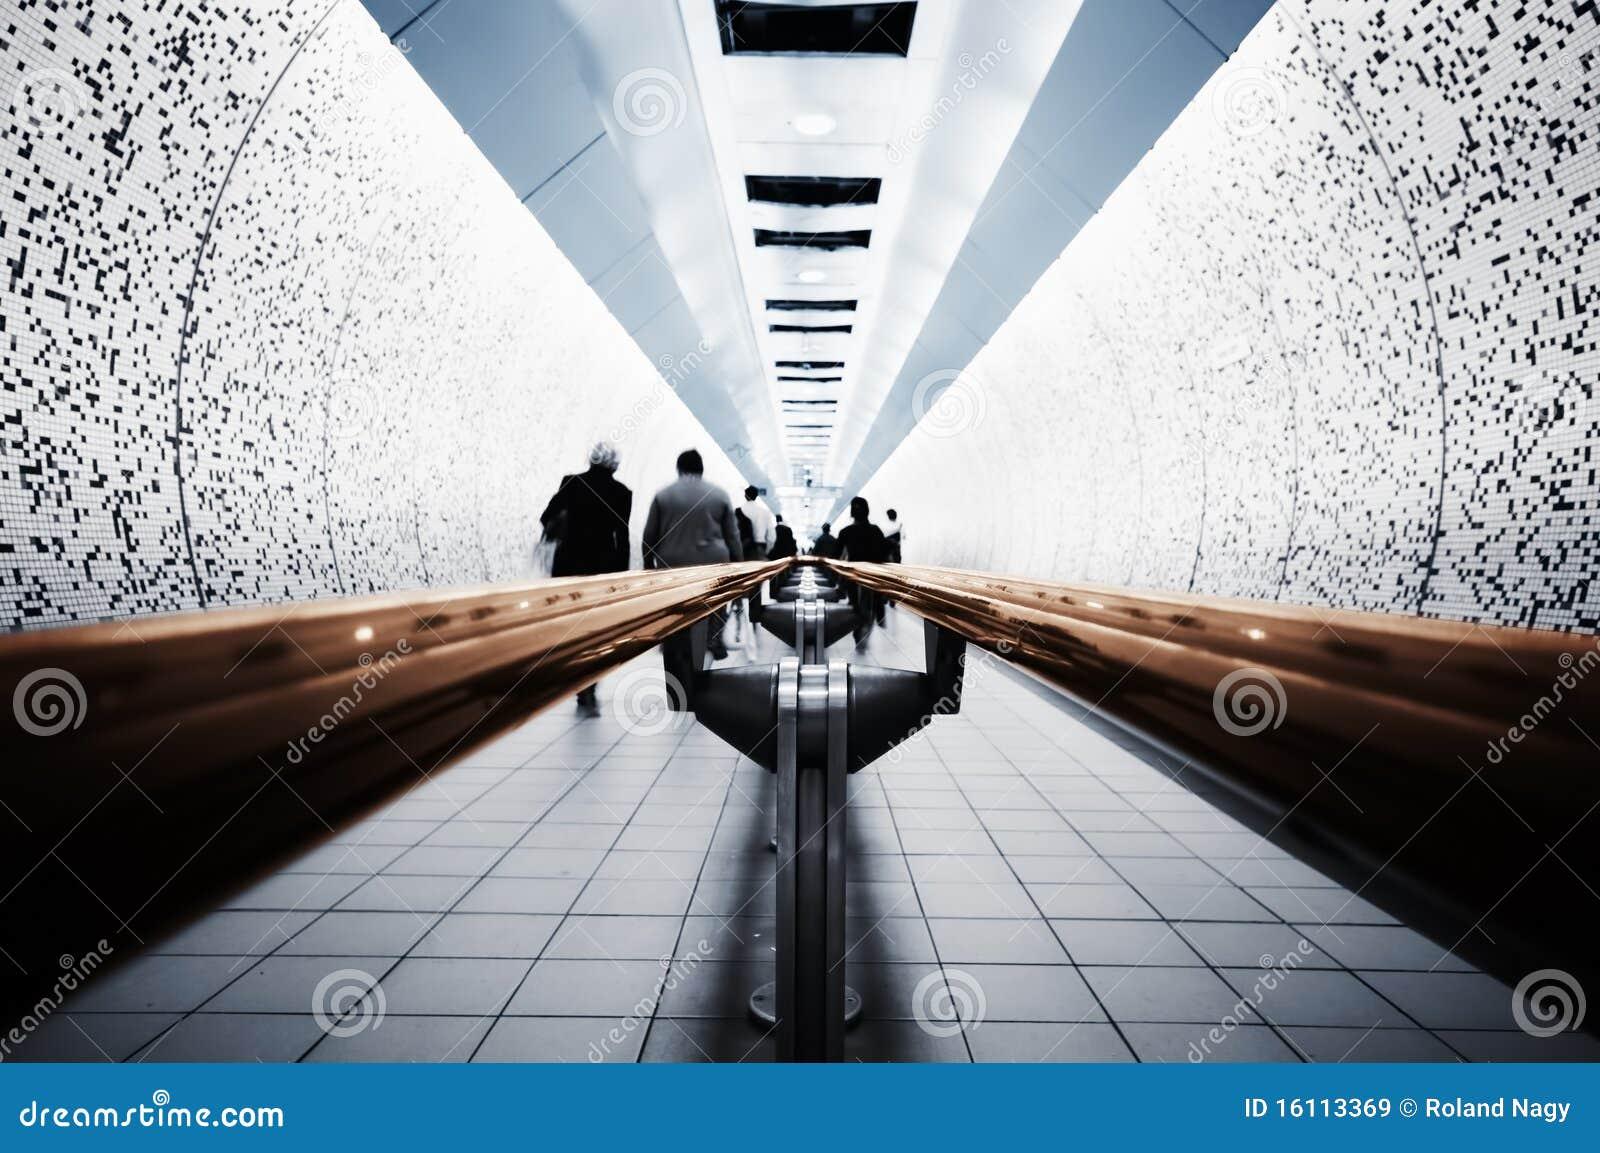 Viajantes de bilhete mensal na câmara de ar